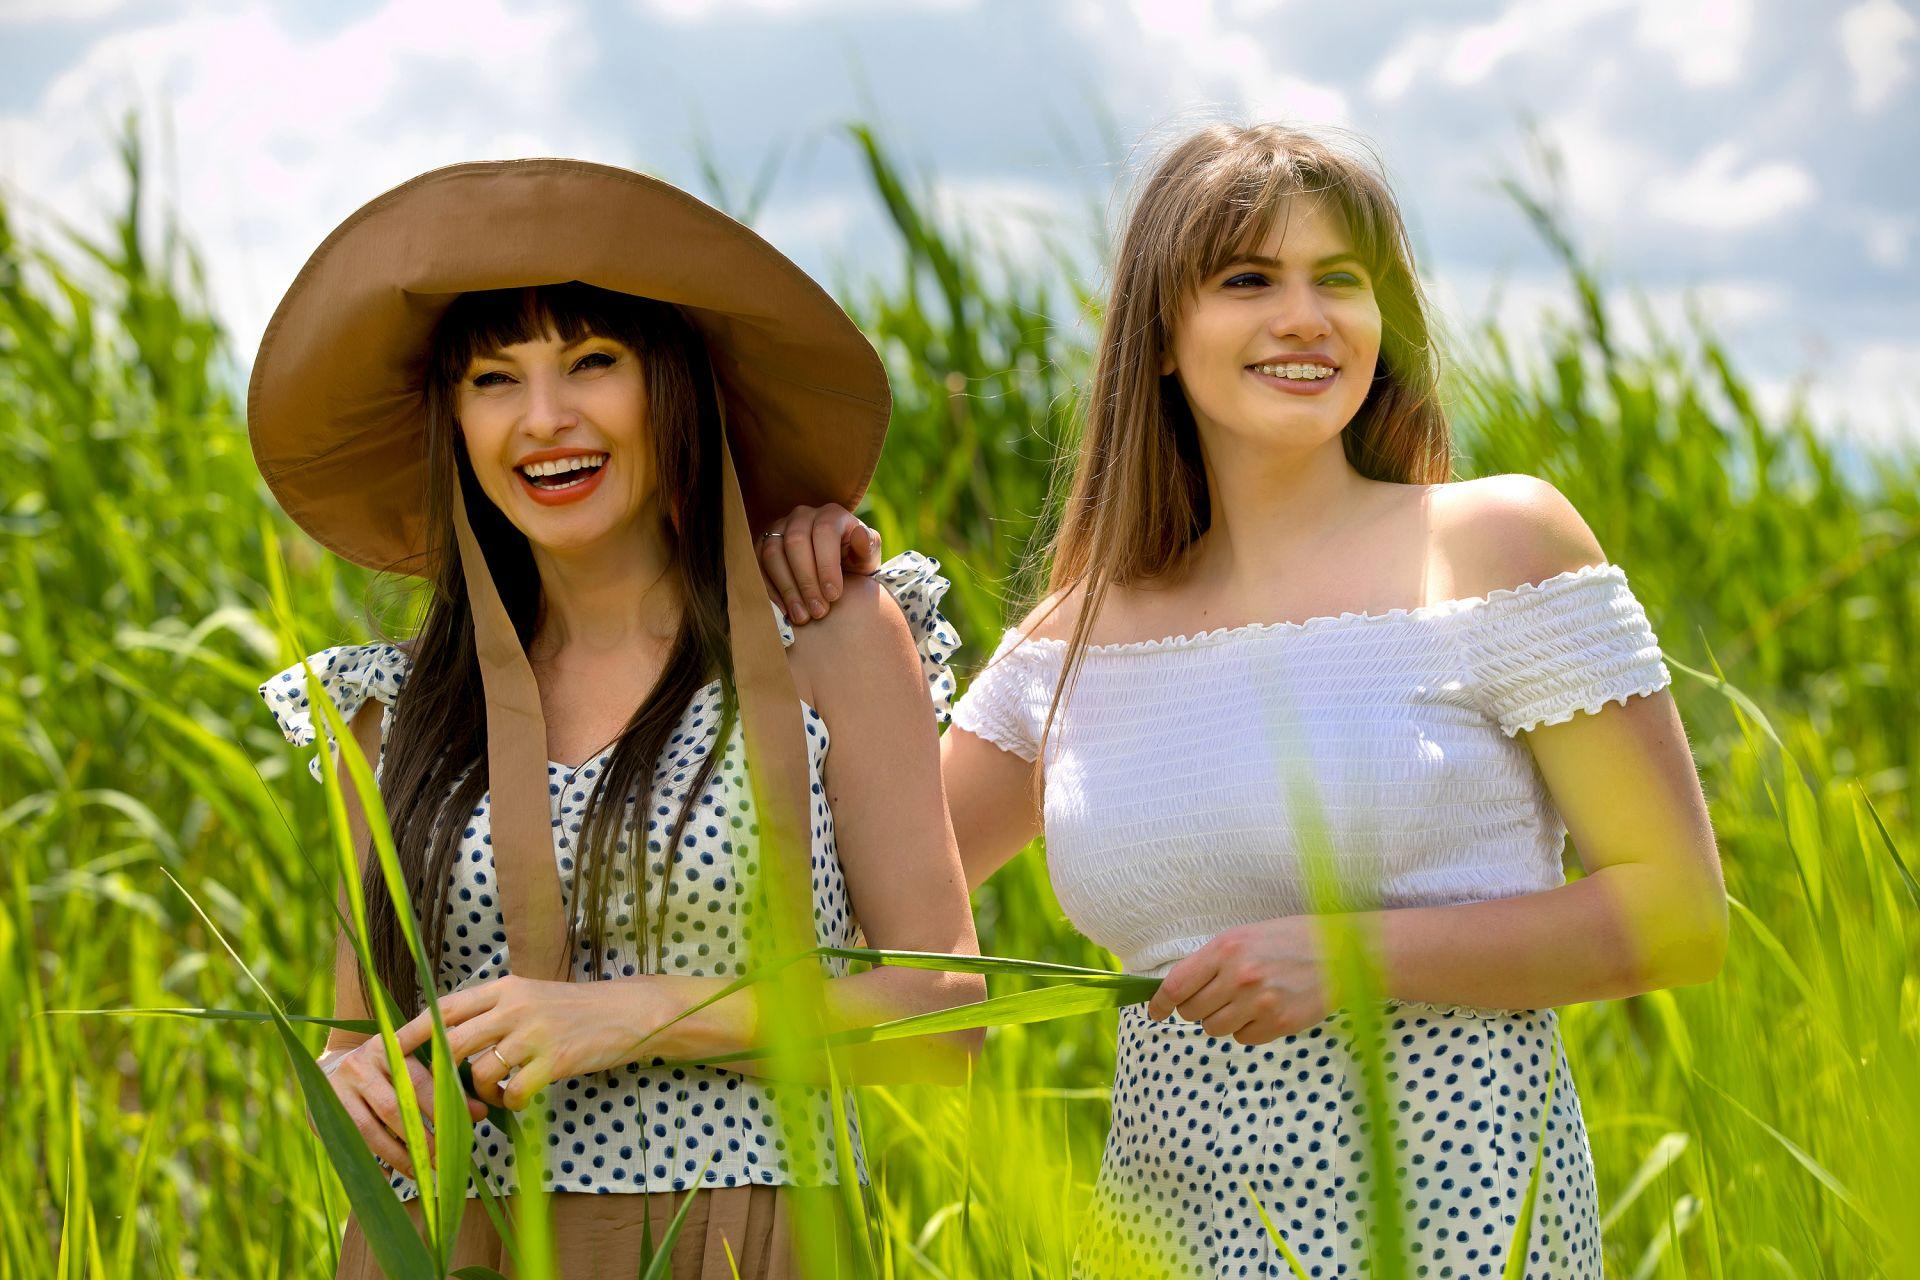 Лилия Маравиля-блуза H&M, шапка и пола (архив); Паола Маравиля- пола H&M, блуза (личен архив)